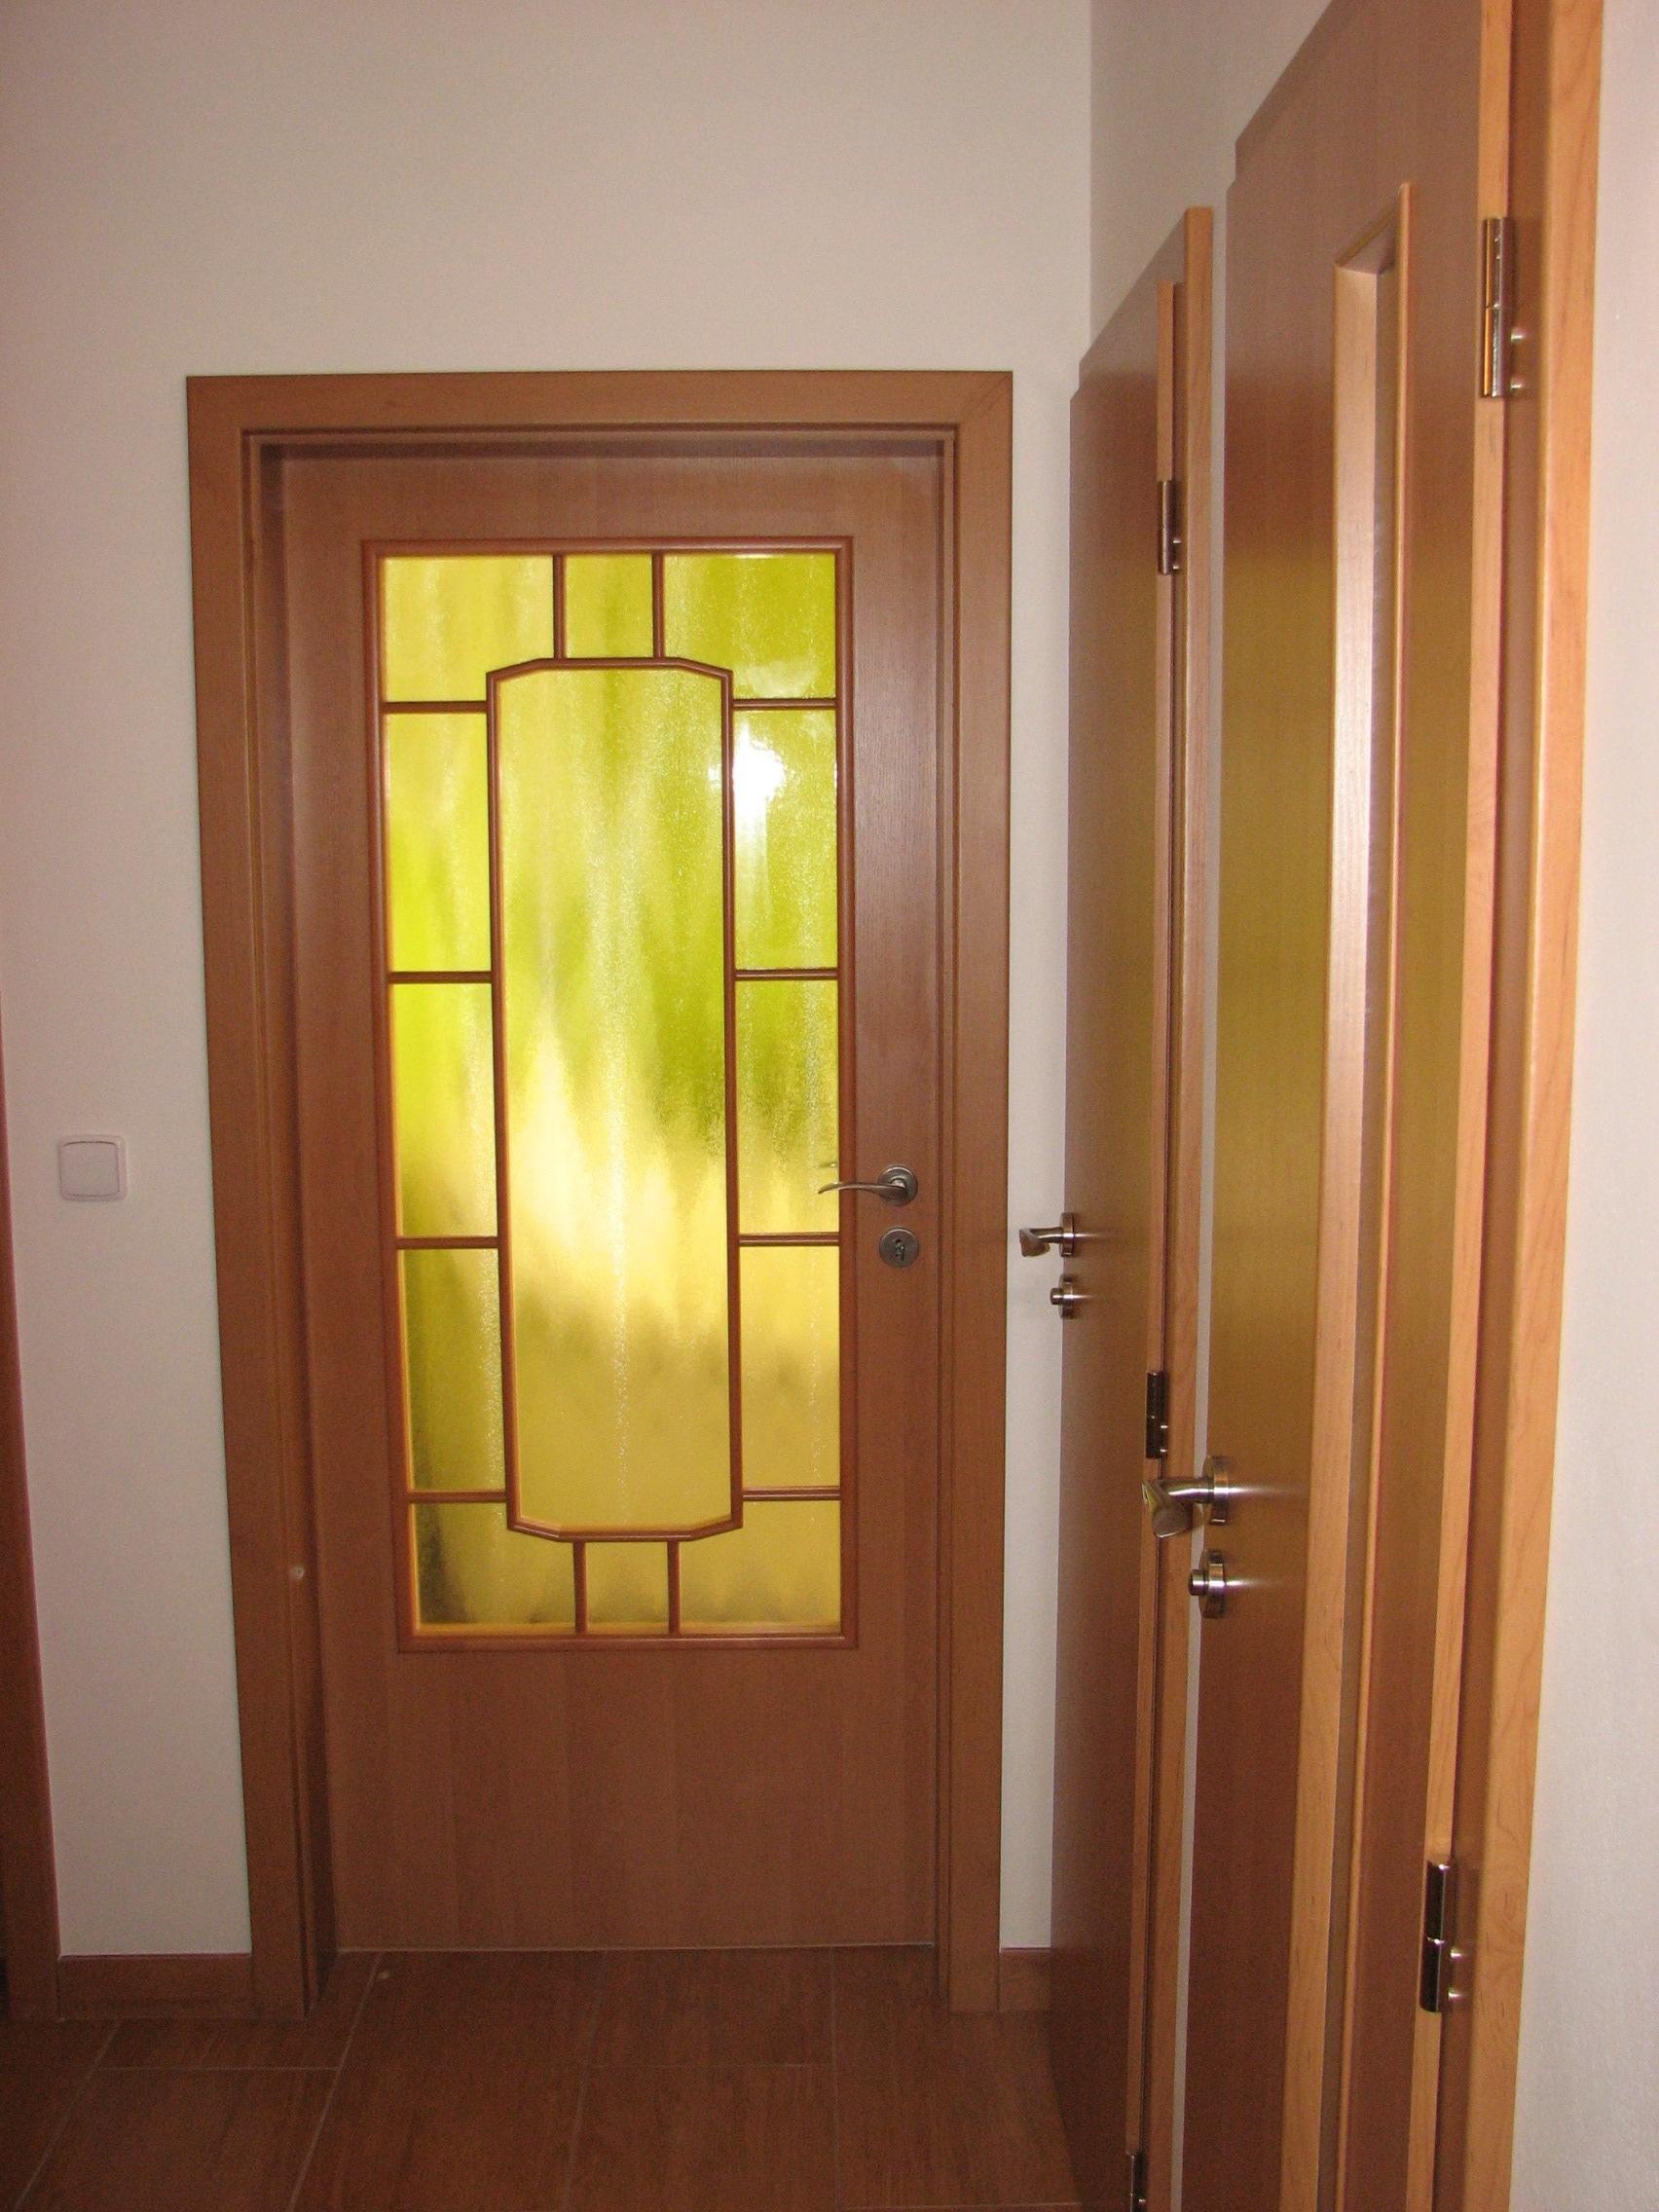 Dodání a montáž interiérových dveří a obložkových zárubní.